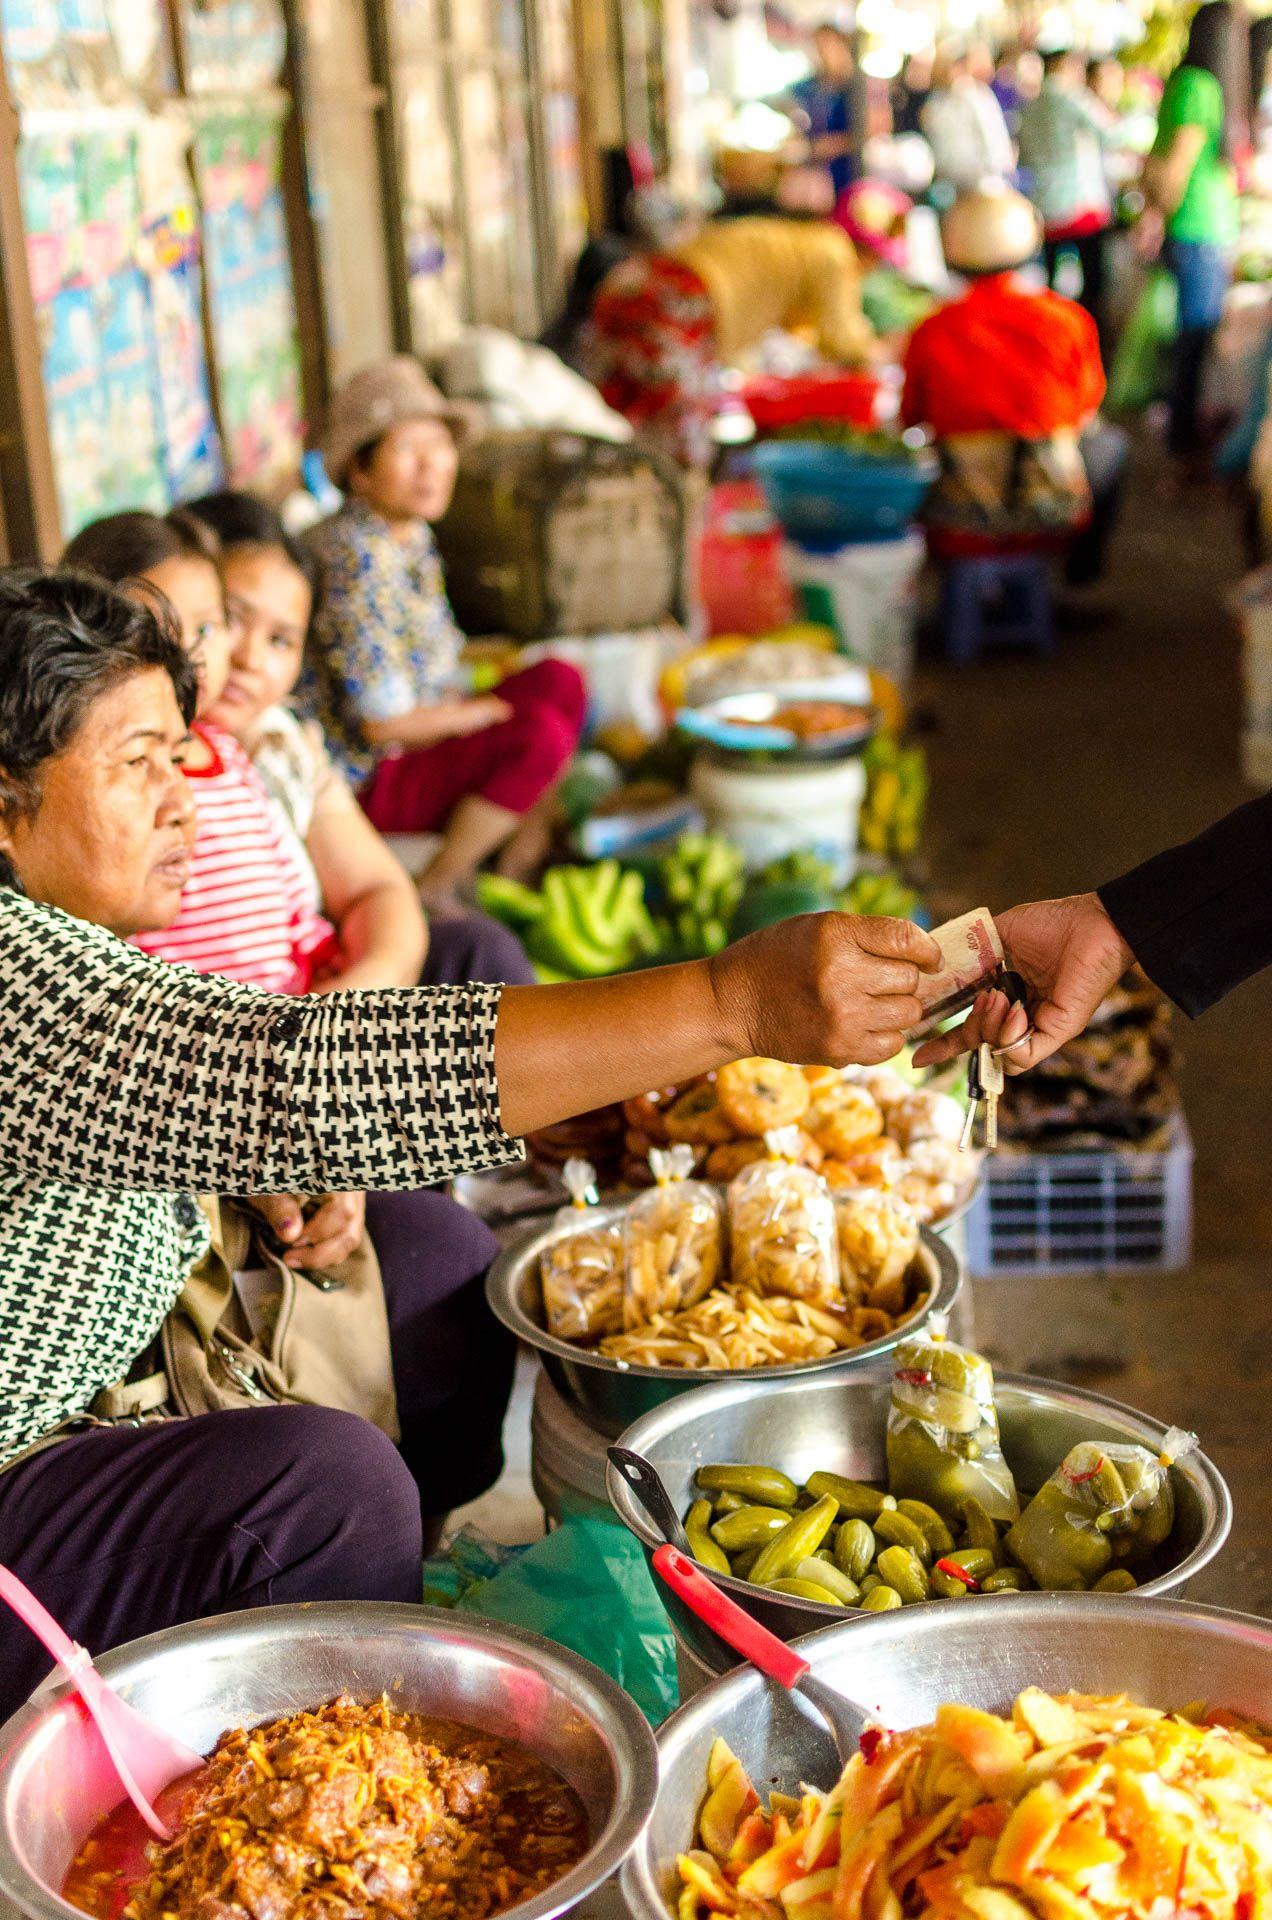 Nel mese di dicembre, a cavallo tra natale e capodanno, abbiamo deciso di rinunciare a un pò di panettone per volare in Cambogia a fare il viaggio zaino in spalla che da tanto sognavamo e aspettava…